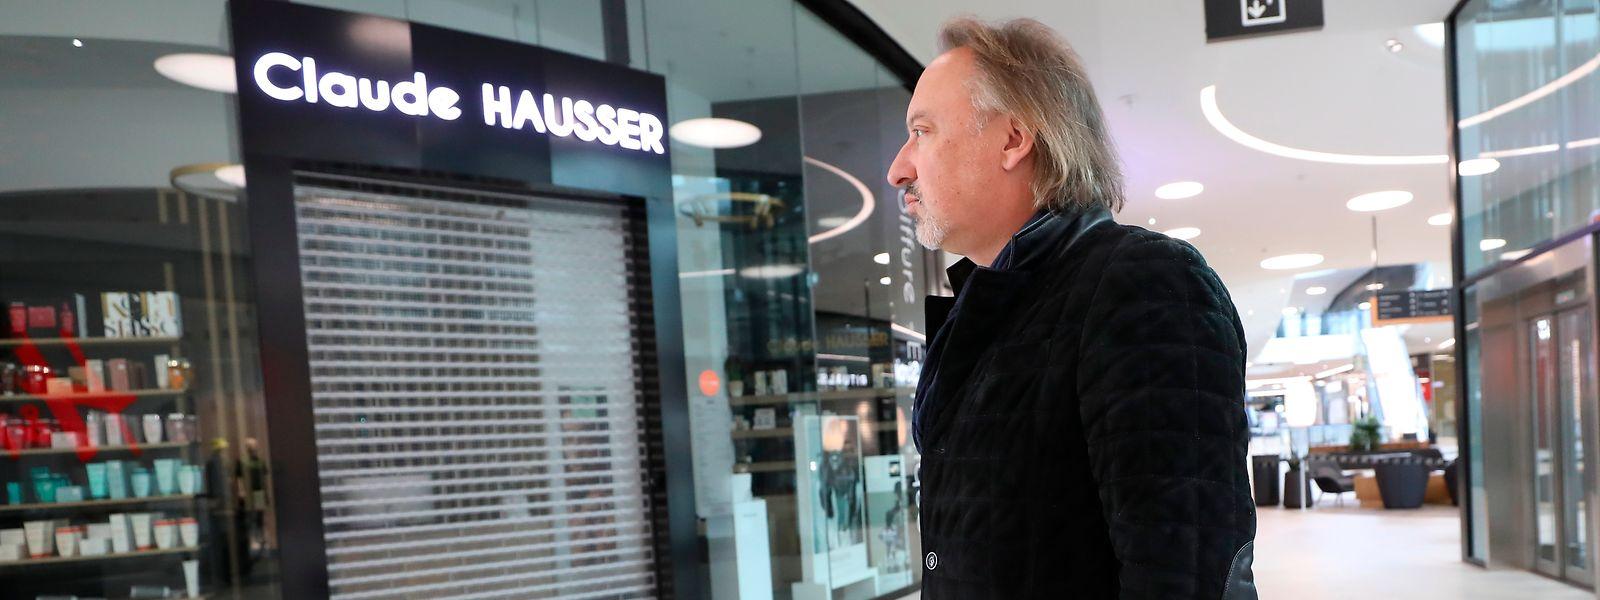 Vor seinem Friseurladen im Auchan Gasperich: Unternehmer Claude warnt vor katastrophalen Folgen für den Mittelstand